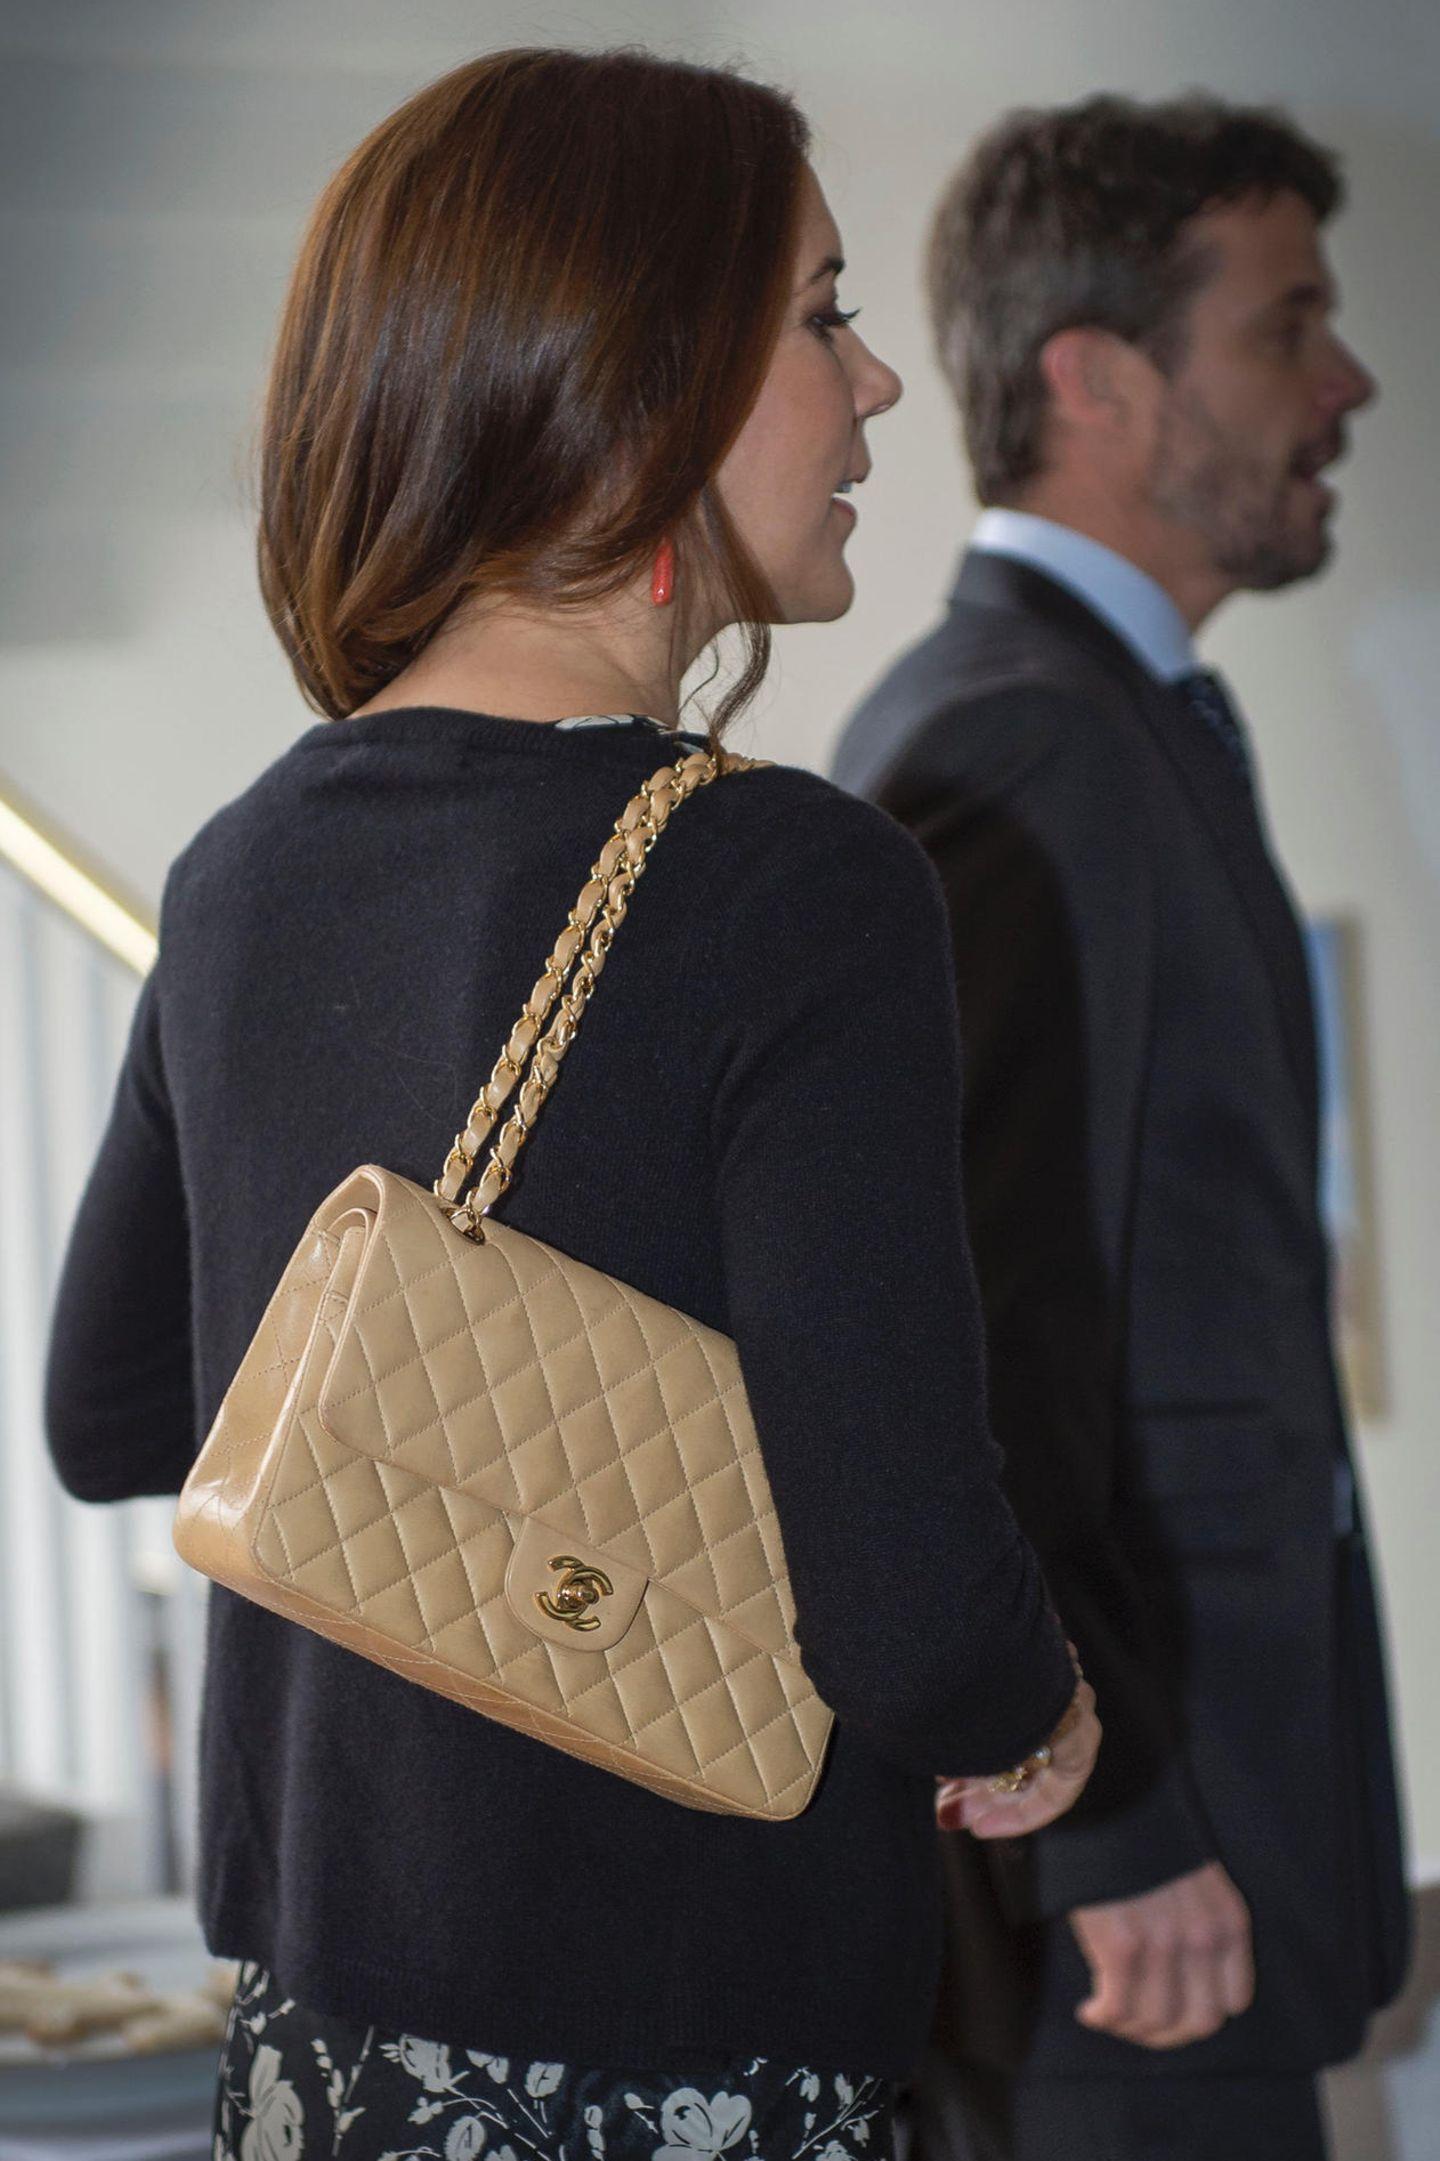 Prinzessin Mary schwört eigentlich auf skandinavische Labels. Einen französischen Klassiker hat sie dennoch in ihrem Schrank: die beige gesteppte Flap-Bag von Chanel.